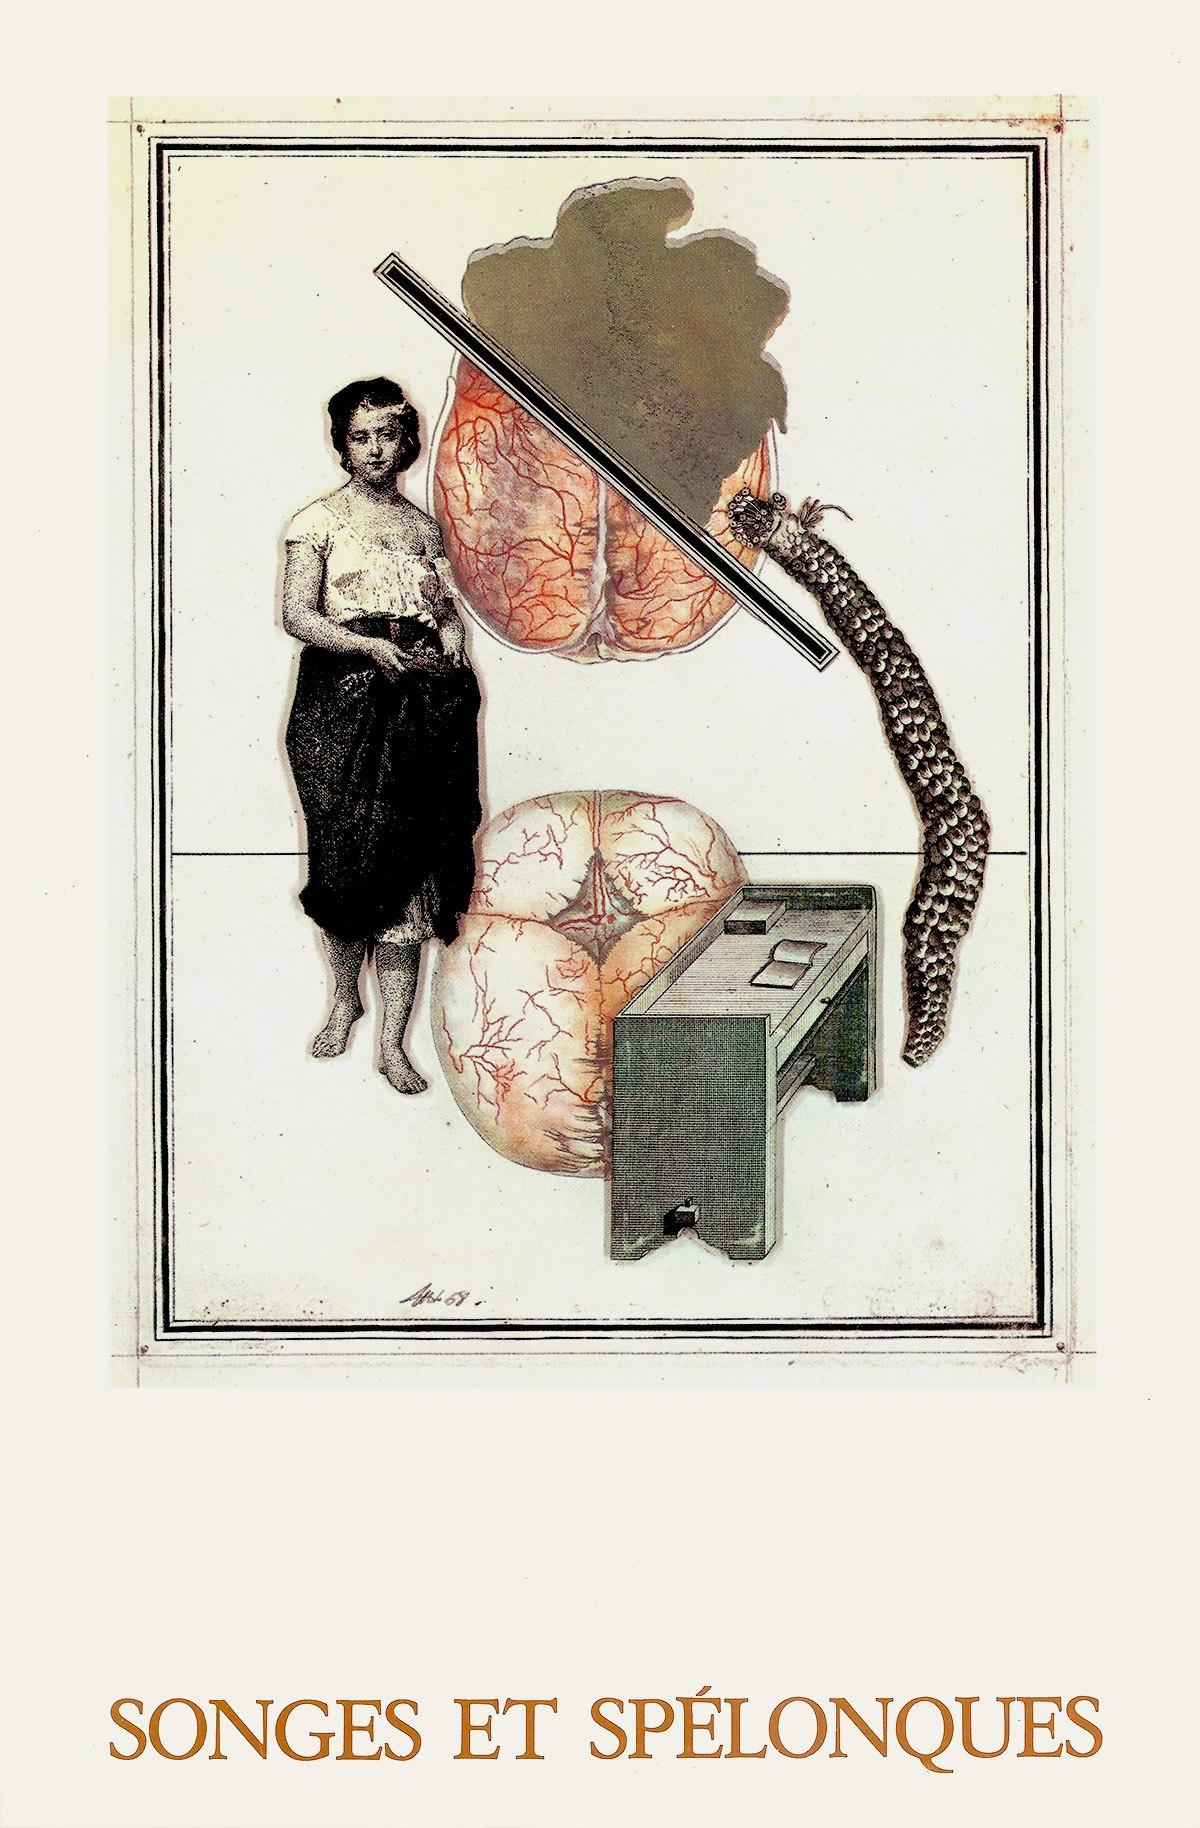 Songes et spélonques, Marcel Thiry, André de Rache éditeur, Bruxelles 1973. Archives Le Yaouanc